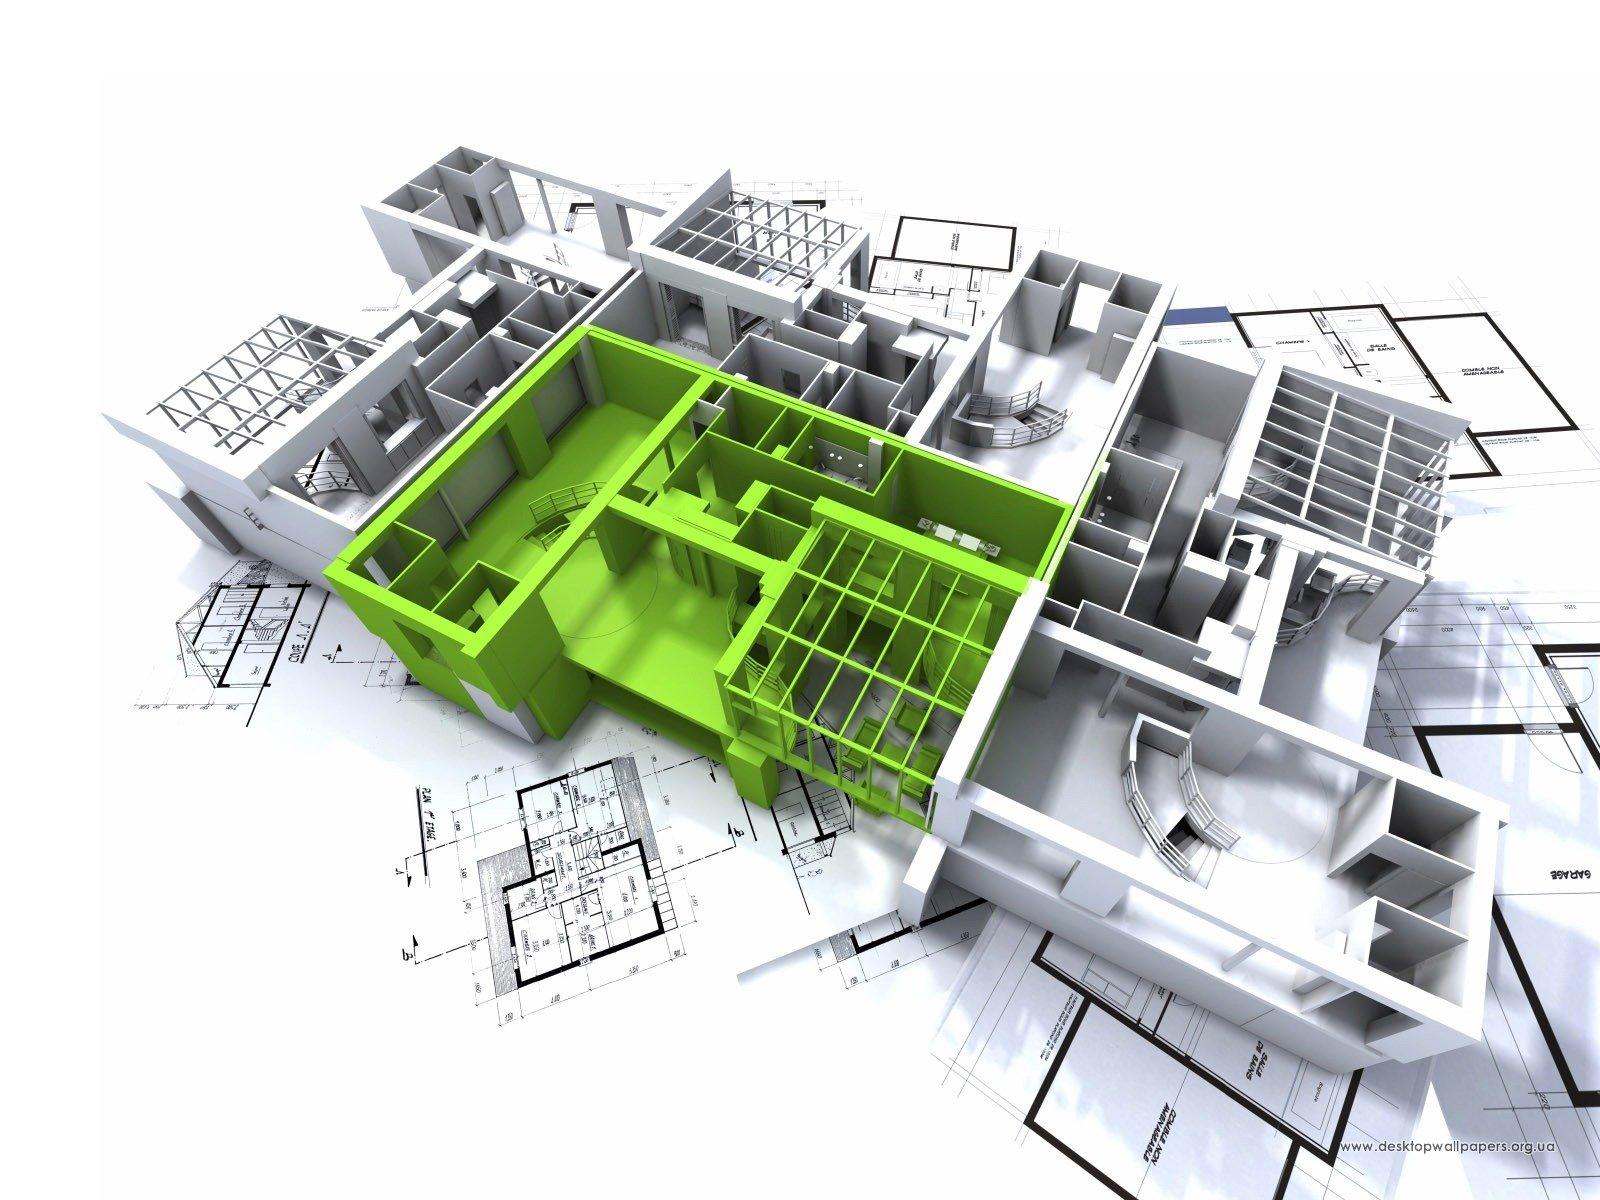 Профессиональная переподготовка по программе «Проектирование и конструирование зданий и сооружений»